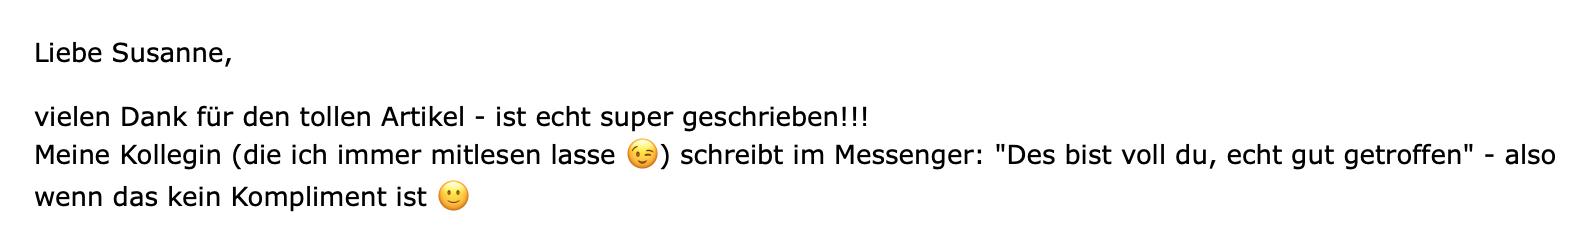 """eMail von Verena Schmalz, Kinderphysiotherapeutin, für die ich Blogartikel schreibe: """"Liebe Susanne, vielen Dank für den tollen Artikel – ist echt super geschrieben!!! Meine Kollegin (die ich immer mitlesen lasse) schreibt im Messenger: """"Des bist voll du, echt gut getroffen"""" – also wenn das kein Kompliment ist!"""""""